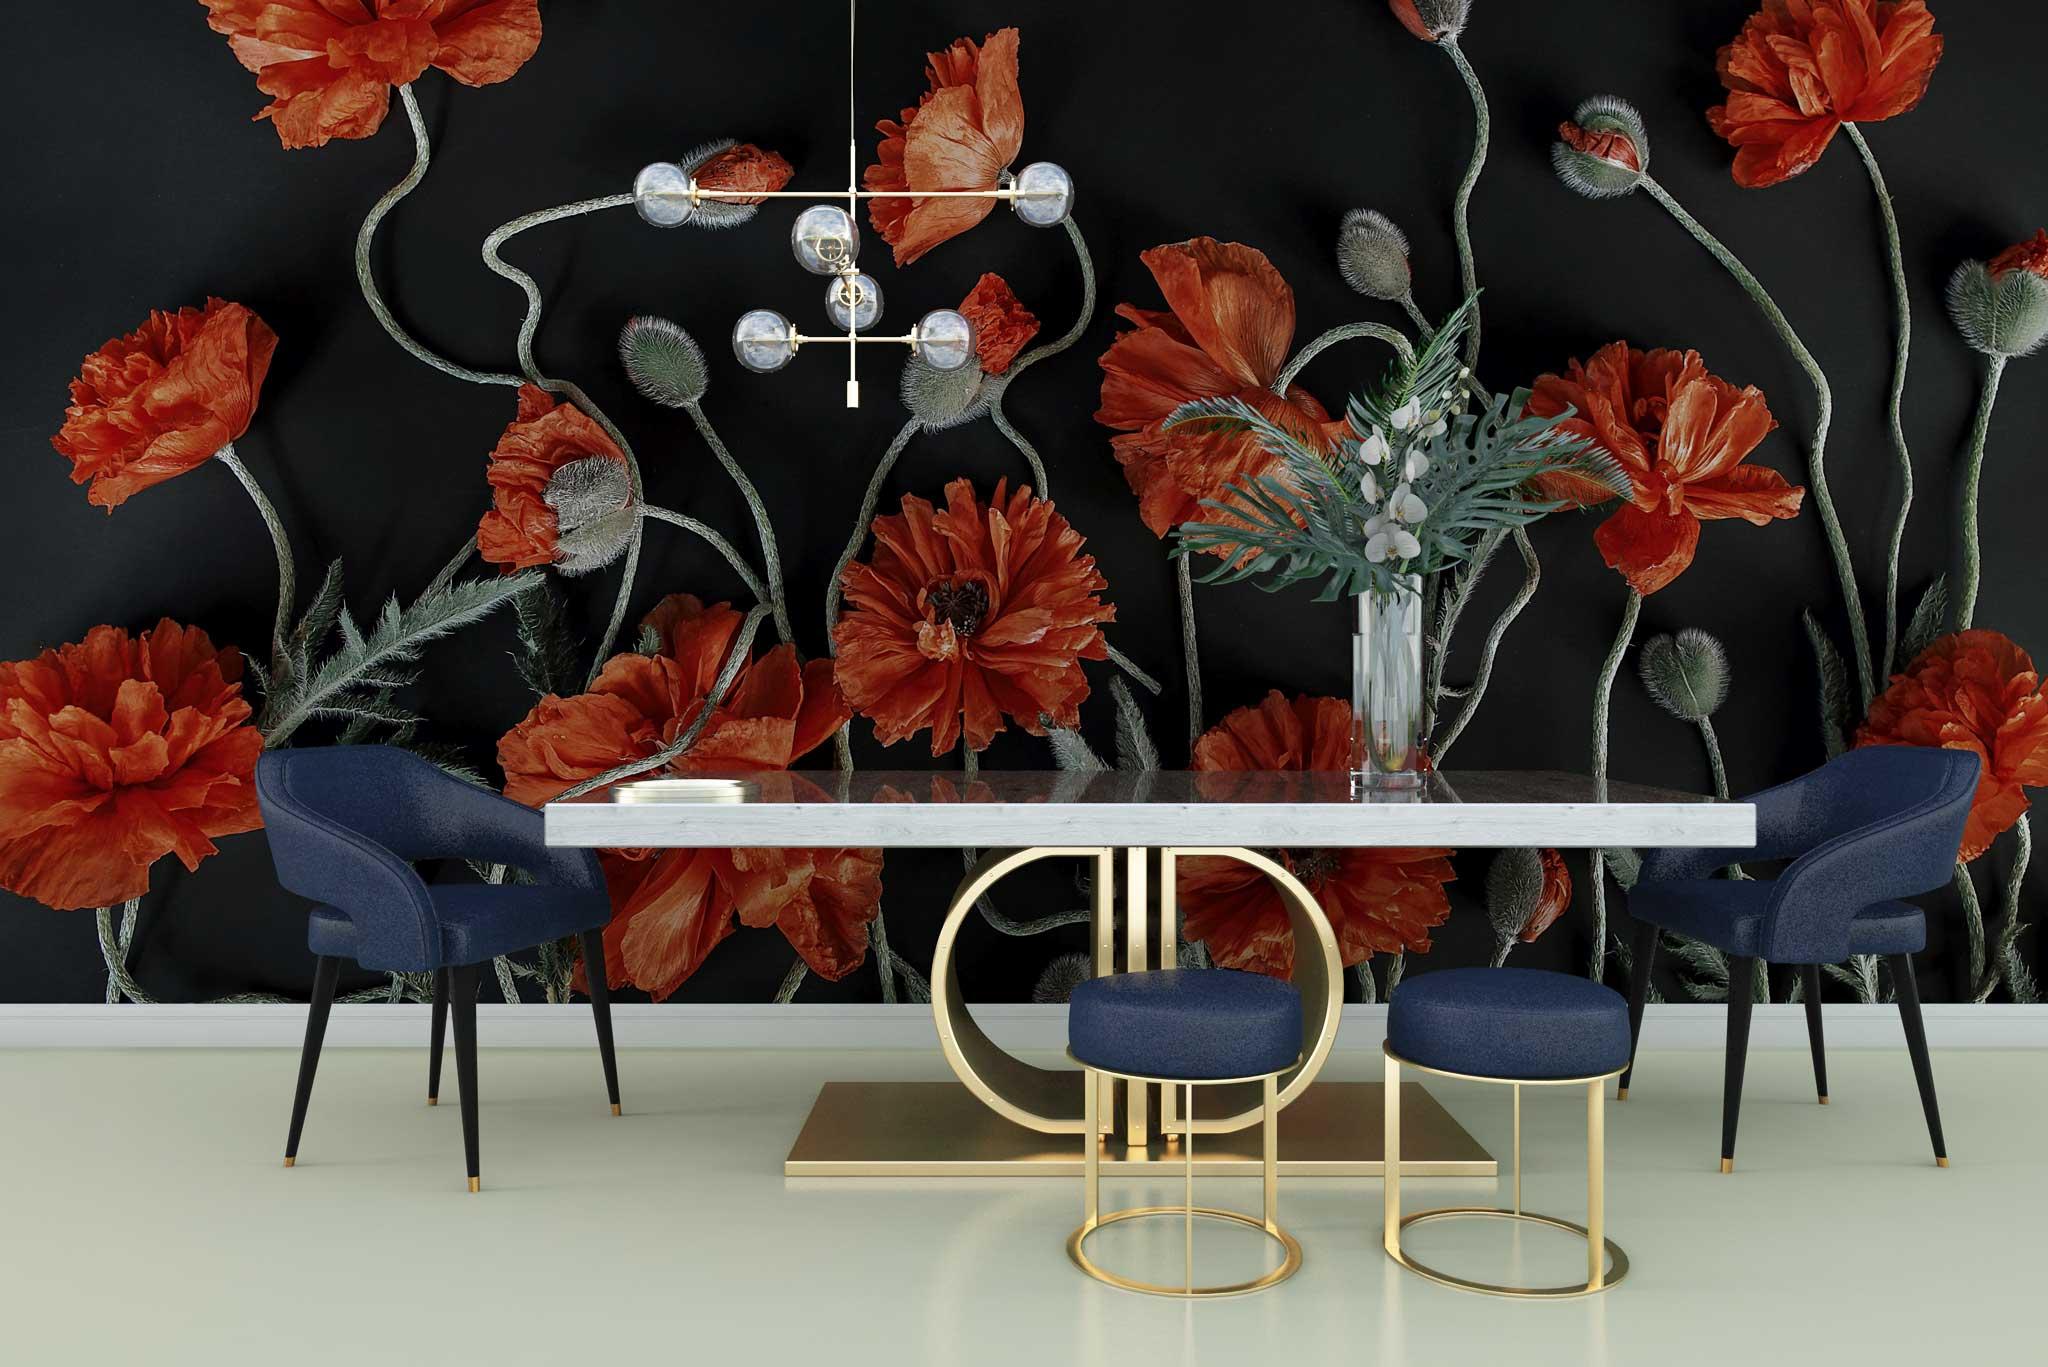 tapet-fototapet-personalizat-comanda-bucuresti-model-flori-maci-negru-rosu-perete-lux-special